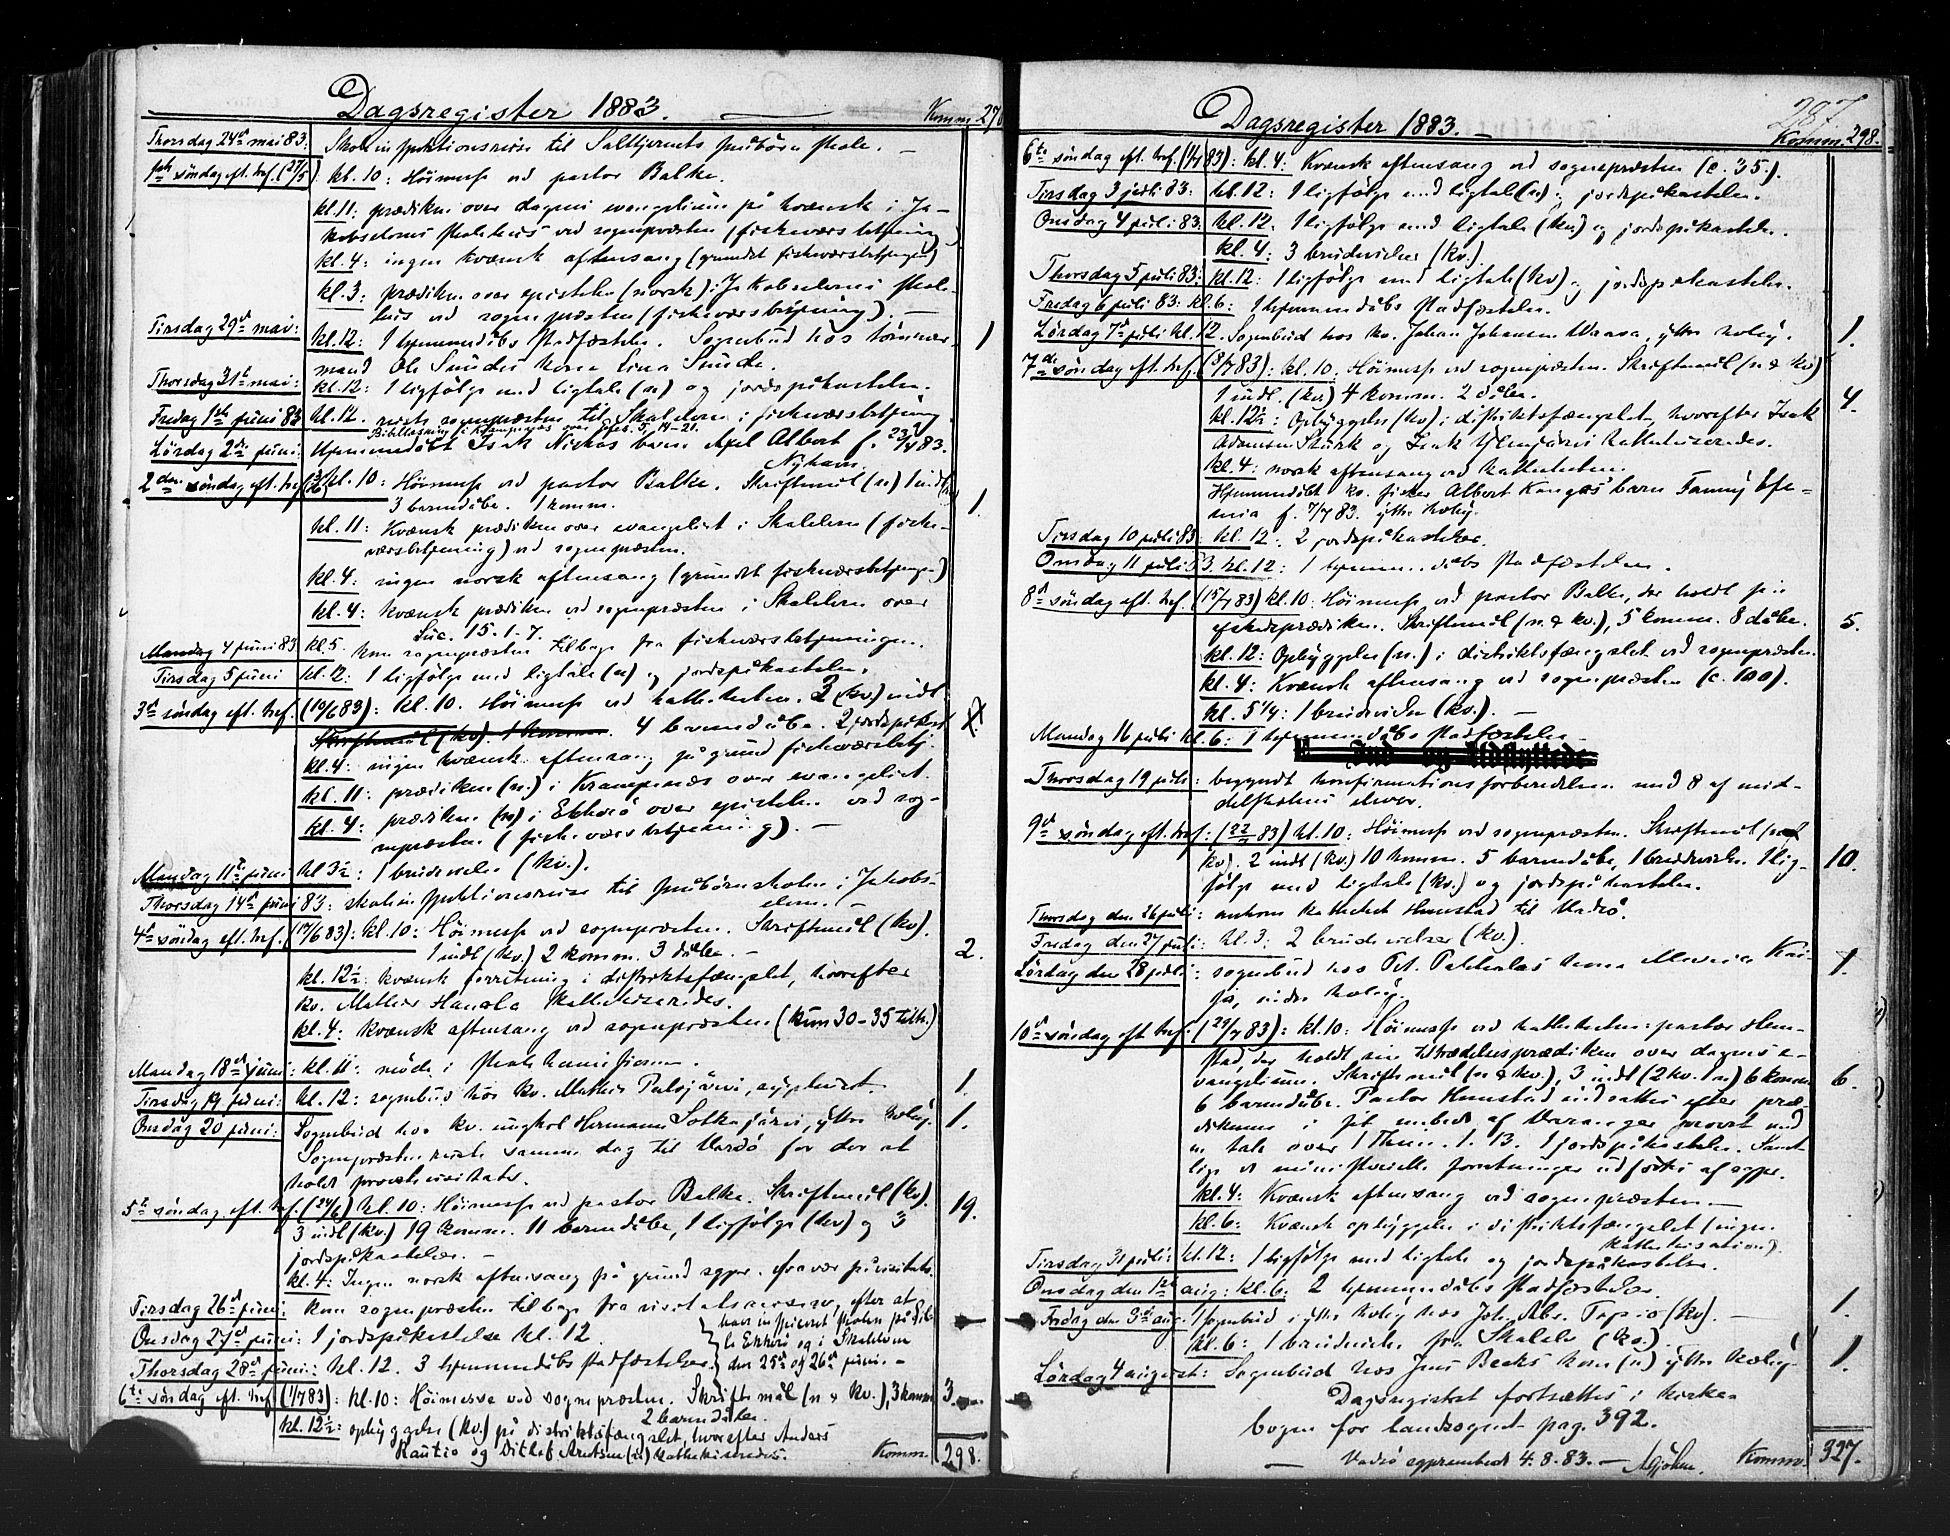 SATØ, Vadsø sokneprestkontor, H/Ha/L0005kirke: Ministerialbok nr. 5, 1873-1884, s. 287